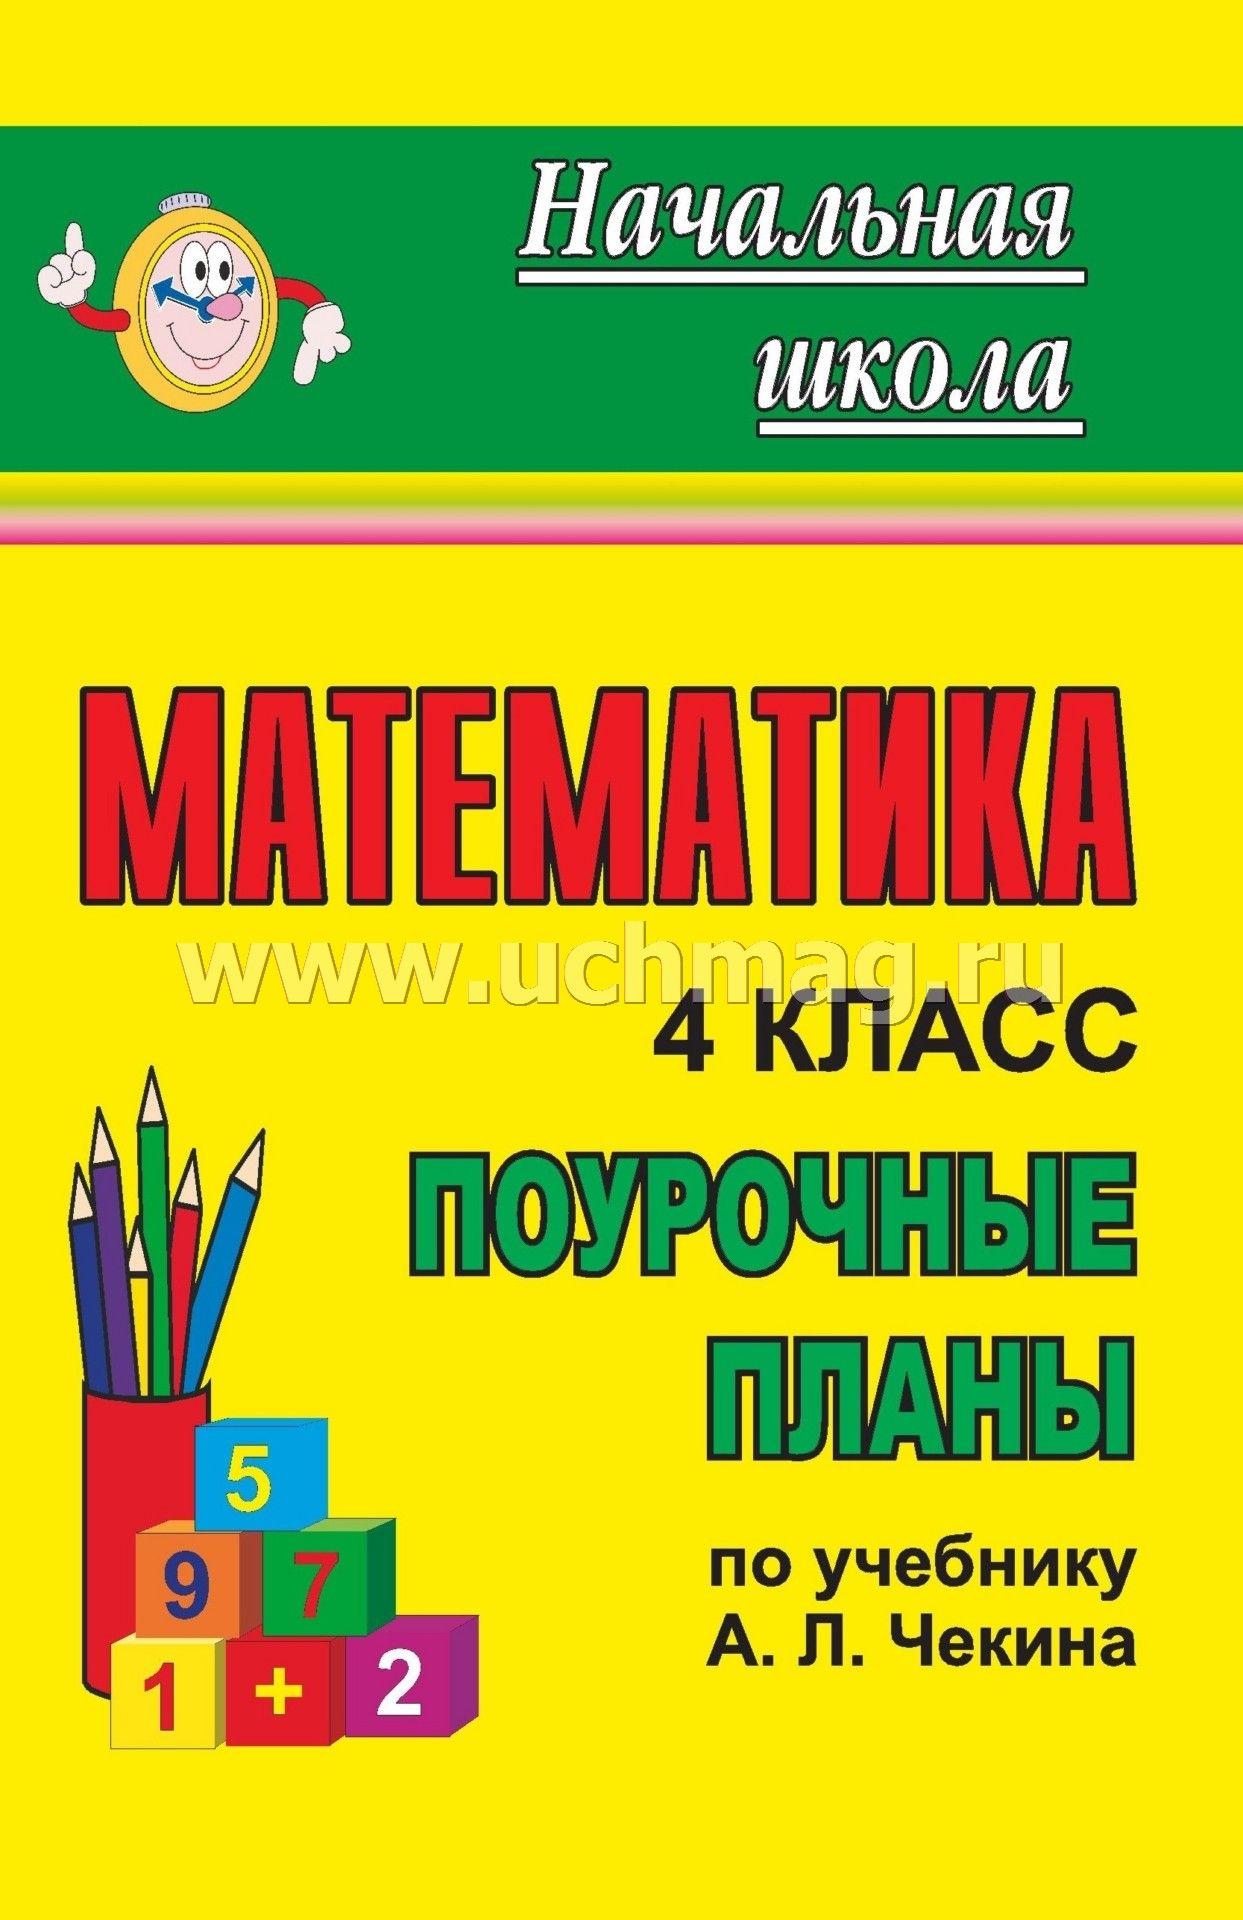 План конспект по математике а л чекин перспектива 2 класс на тему сантиметр и метр